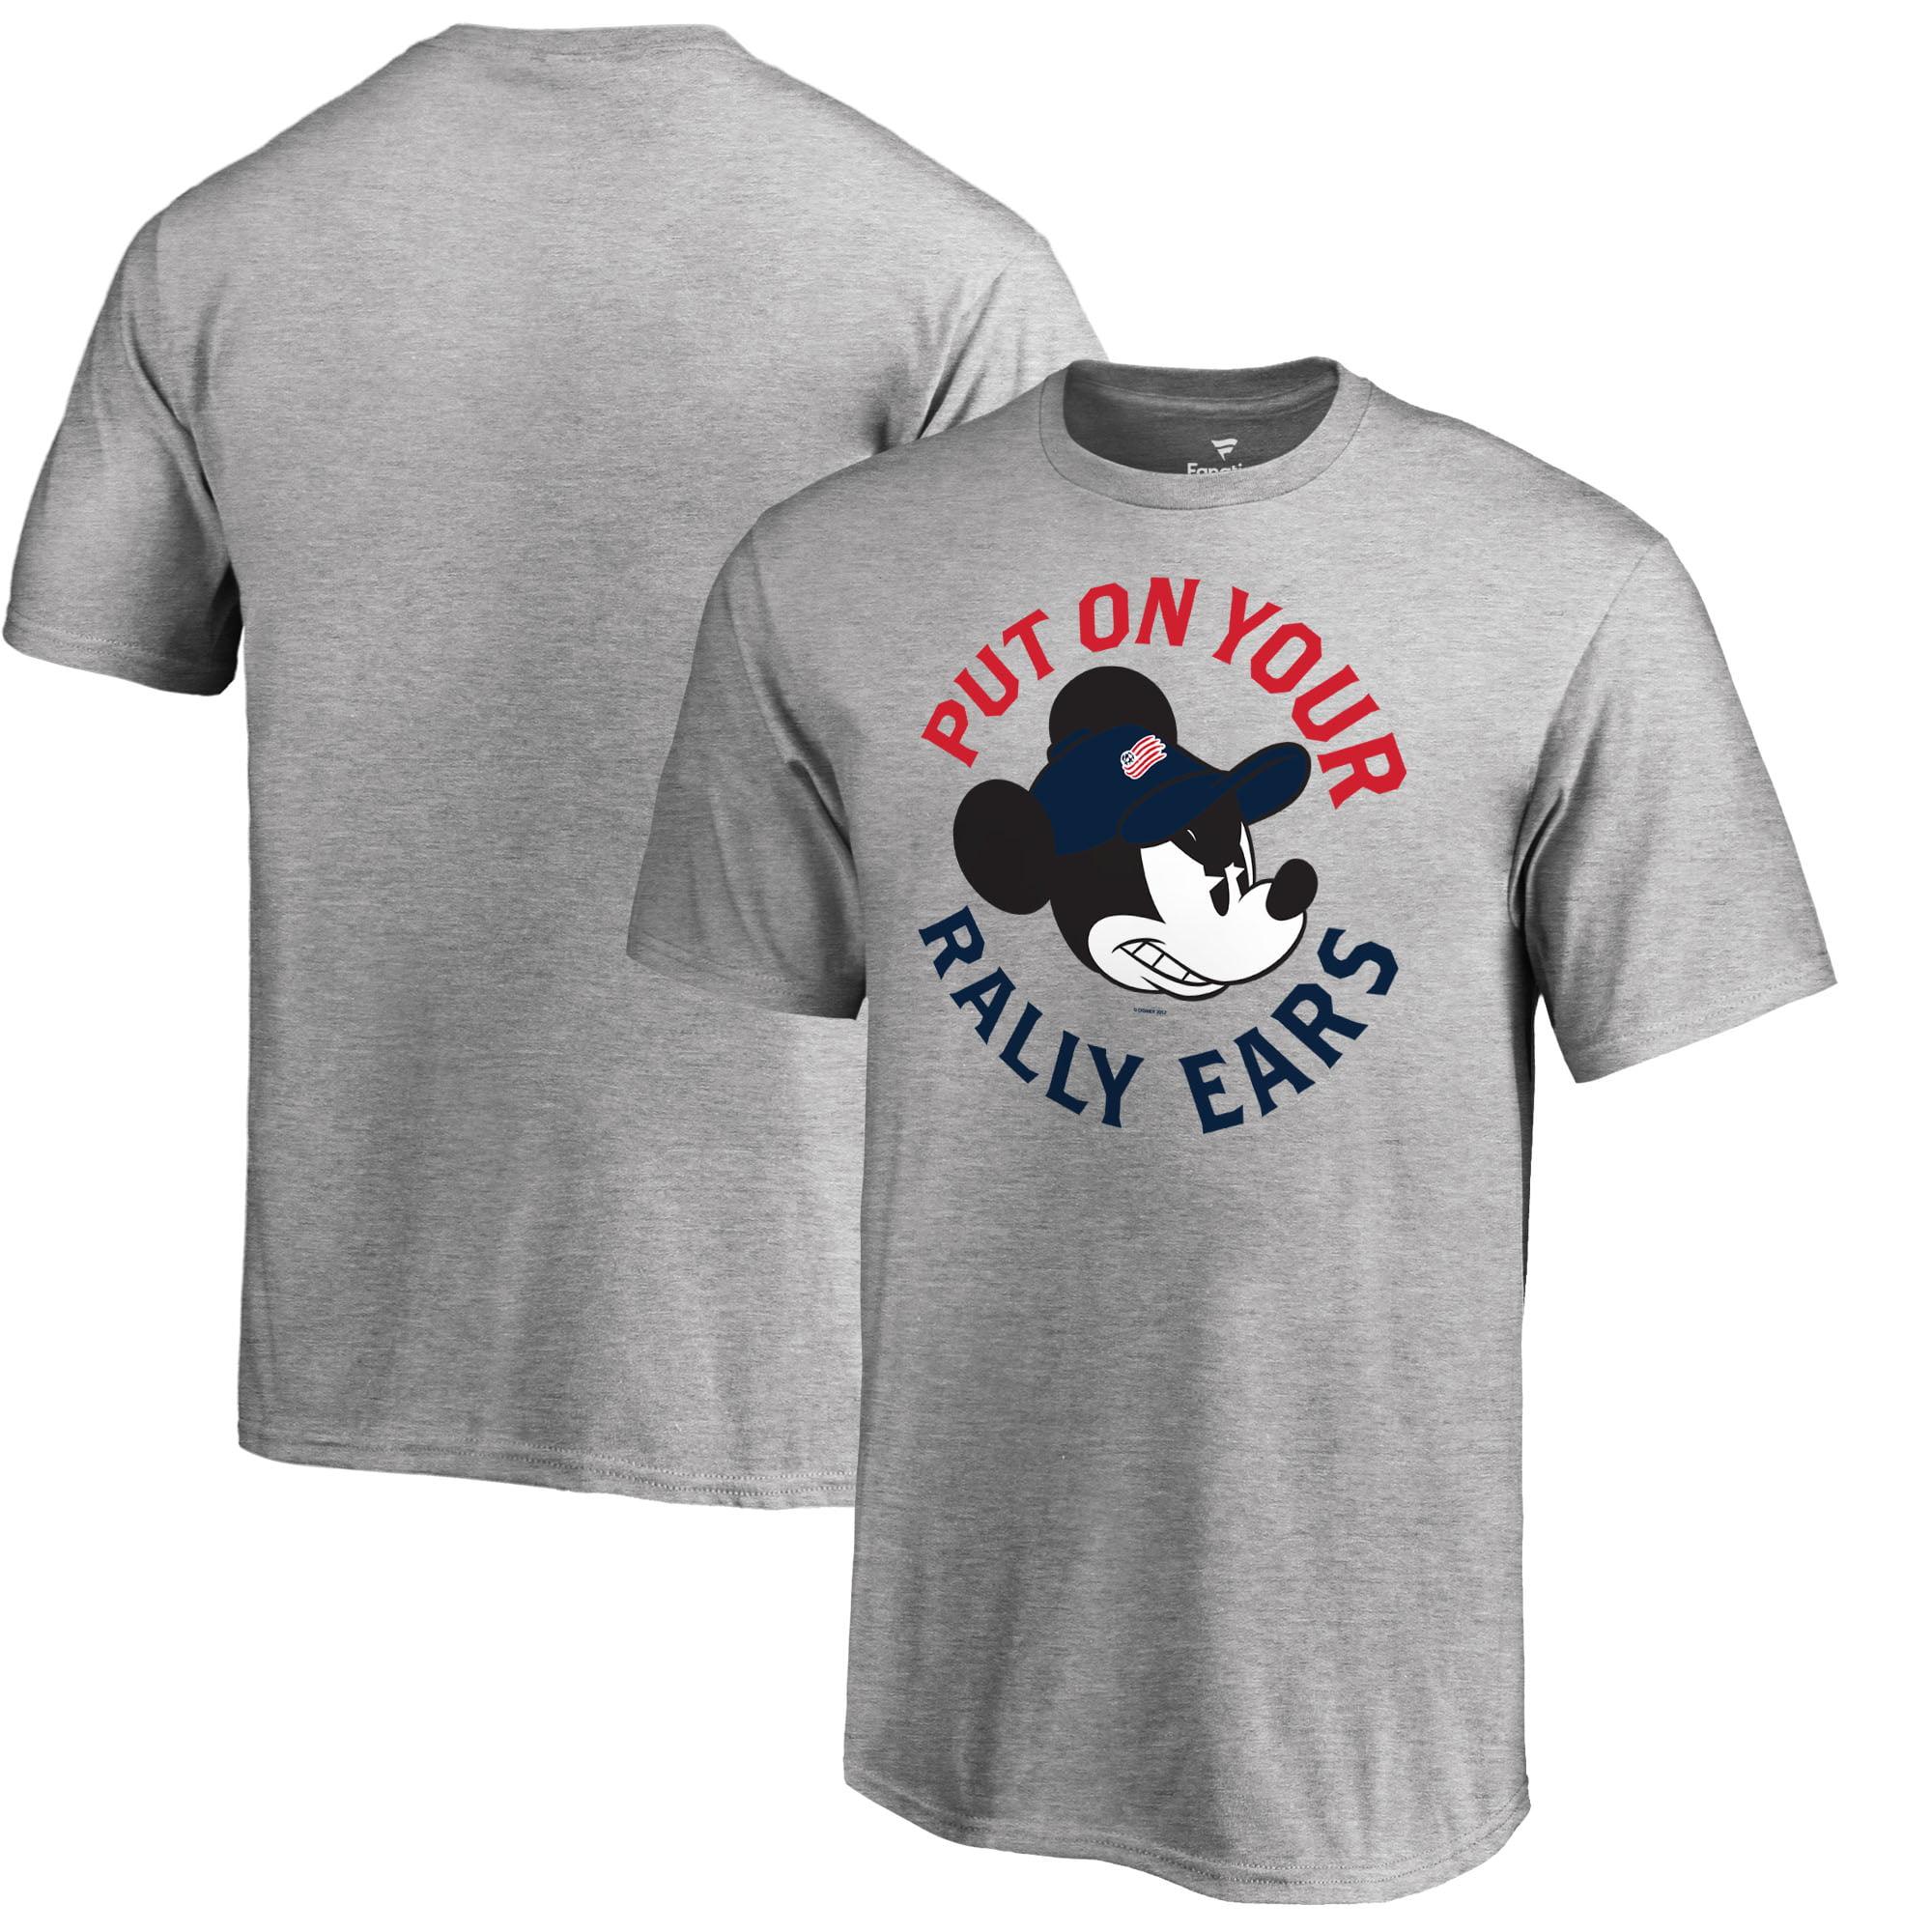 New England Revolution Fanatics Branded Youth Disney Rally Ears T-Shirt - Heathered Gray